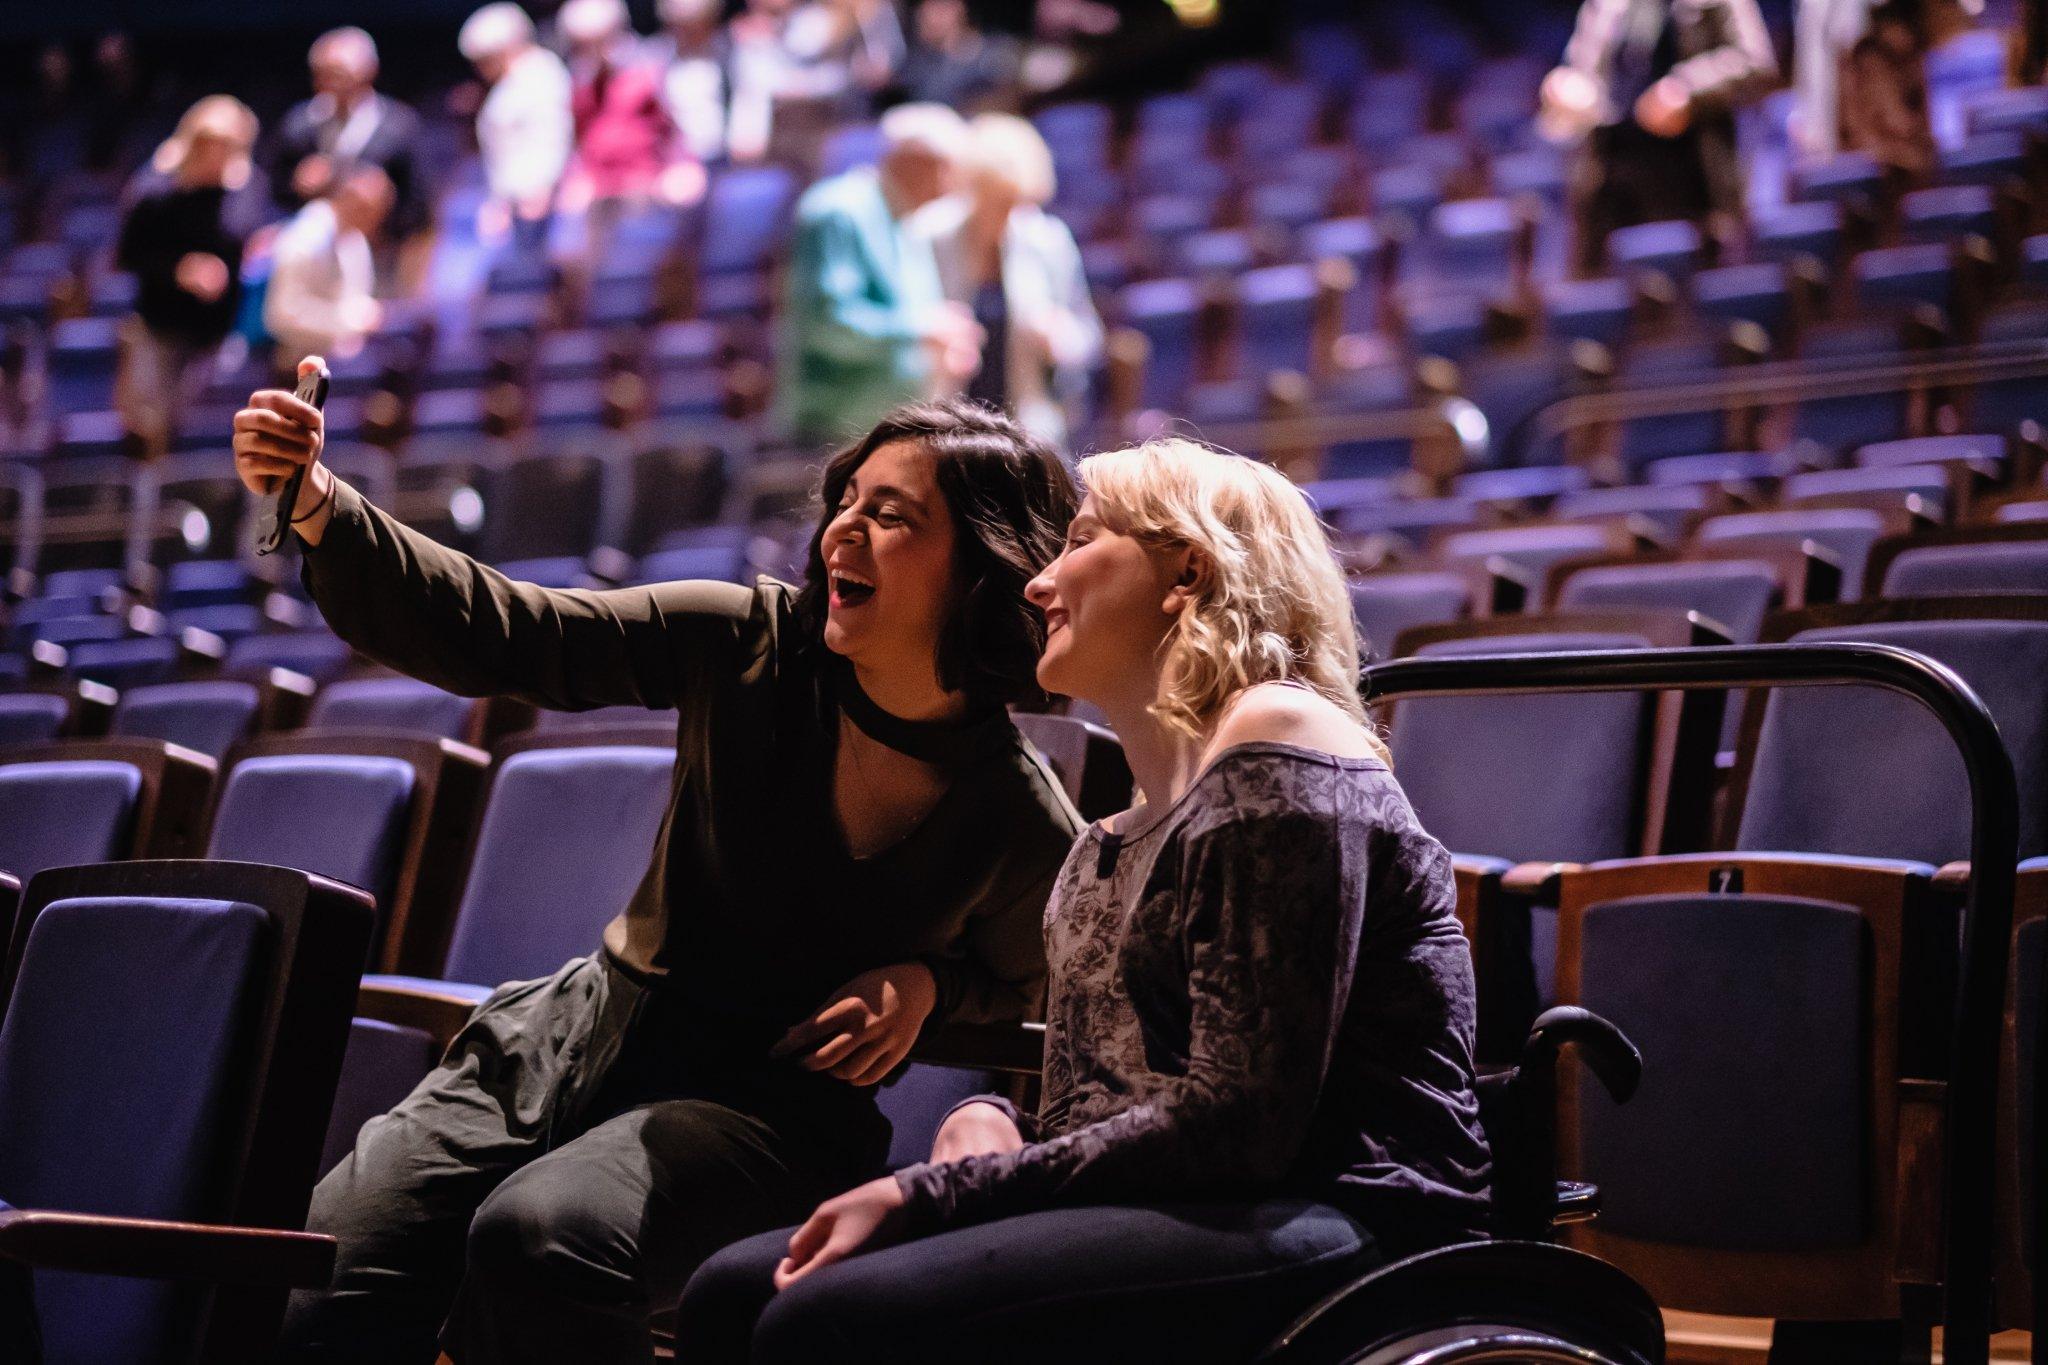 Zwei Frauen, davon eine mit Rollstuhl, sitzen in den Sesseln im Saal des Friedrichstadt Palastes . Sie wirken vergnügt und machen ein gemeinsames Selfie-Foto mit dem Smartphone während im Hintergrund weitere Besucher*innen ihre Plätze einnehmen.